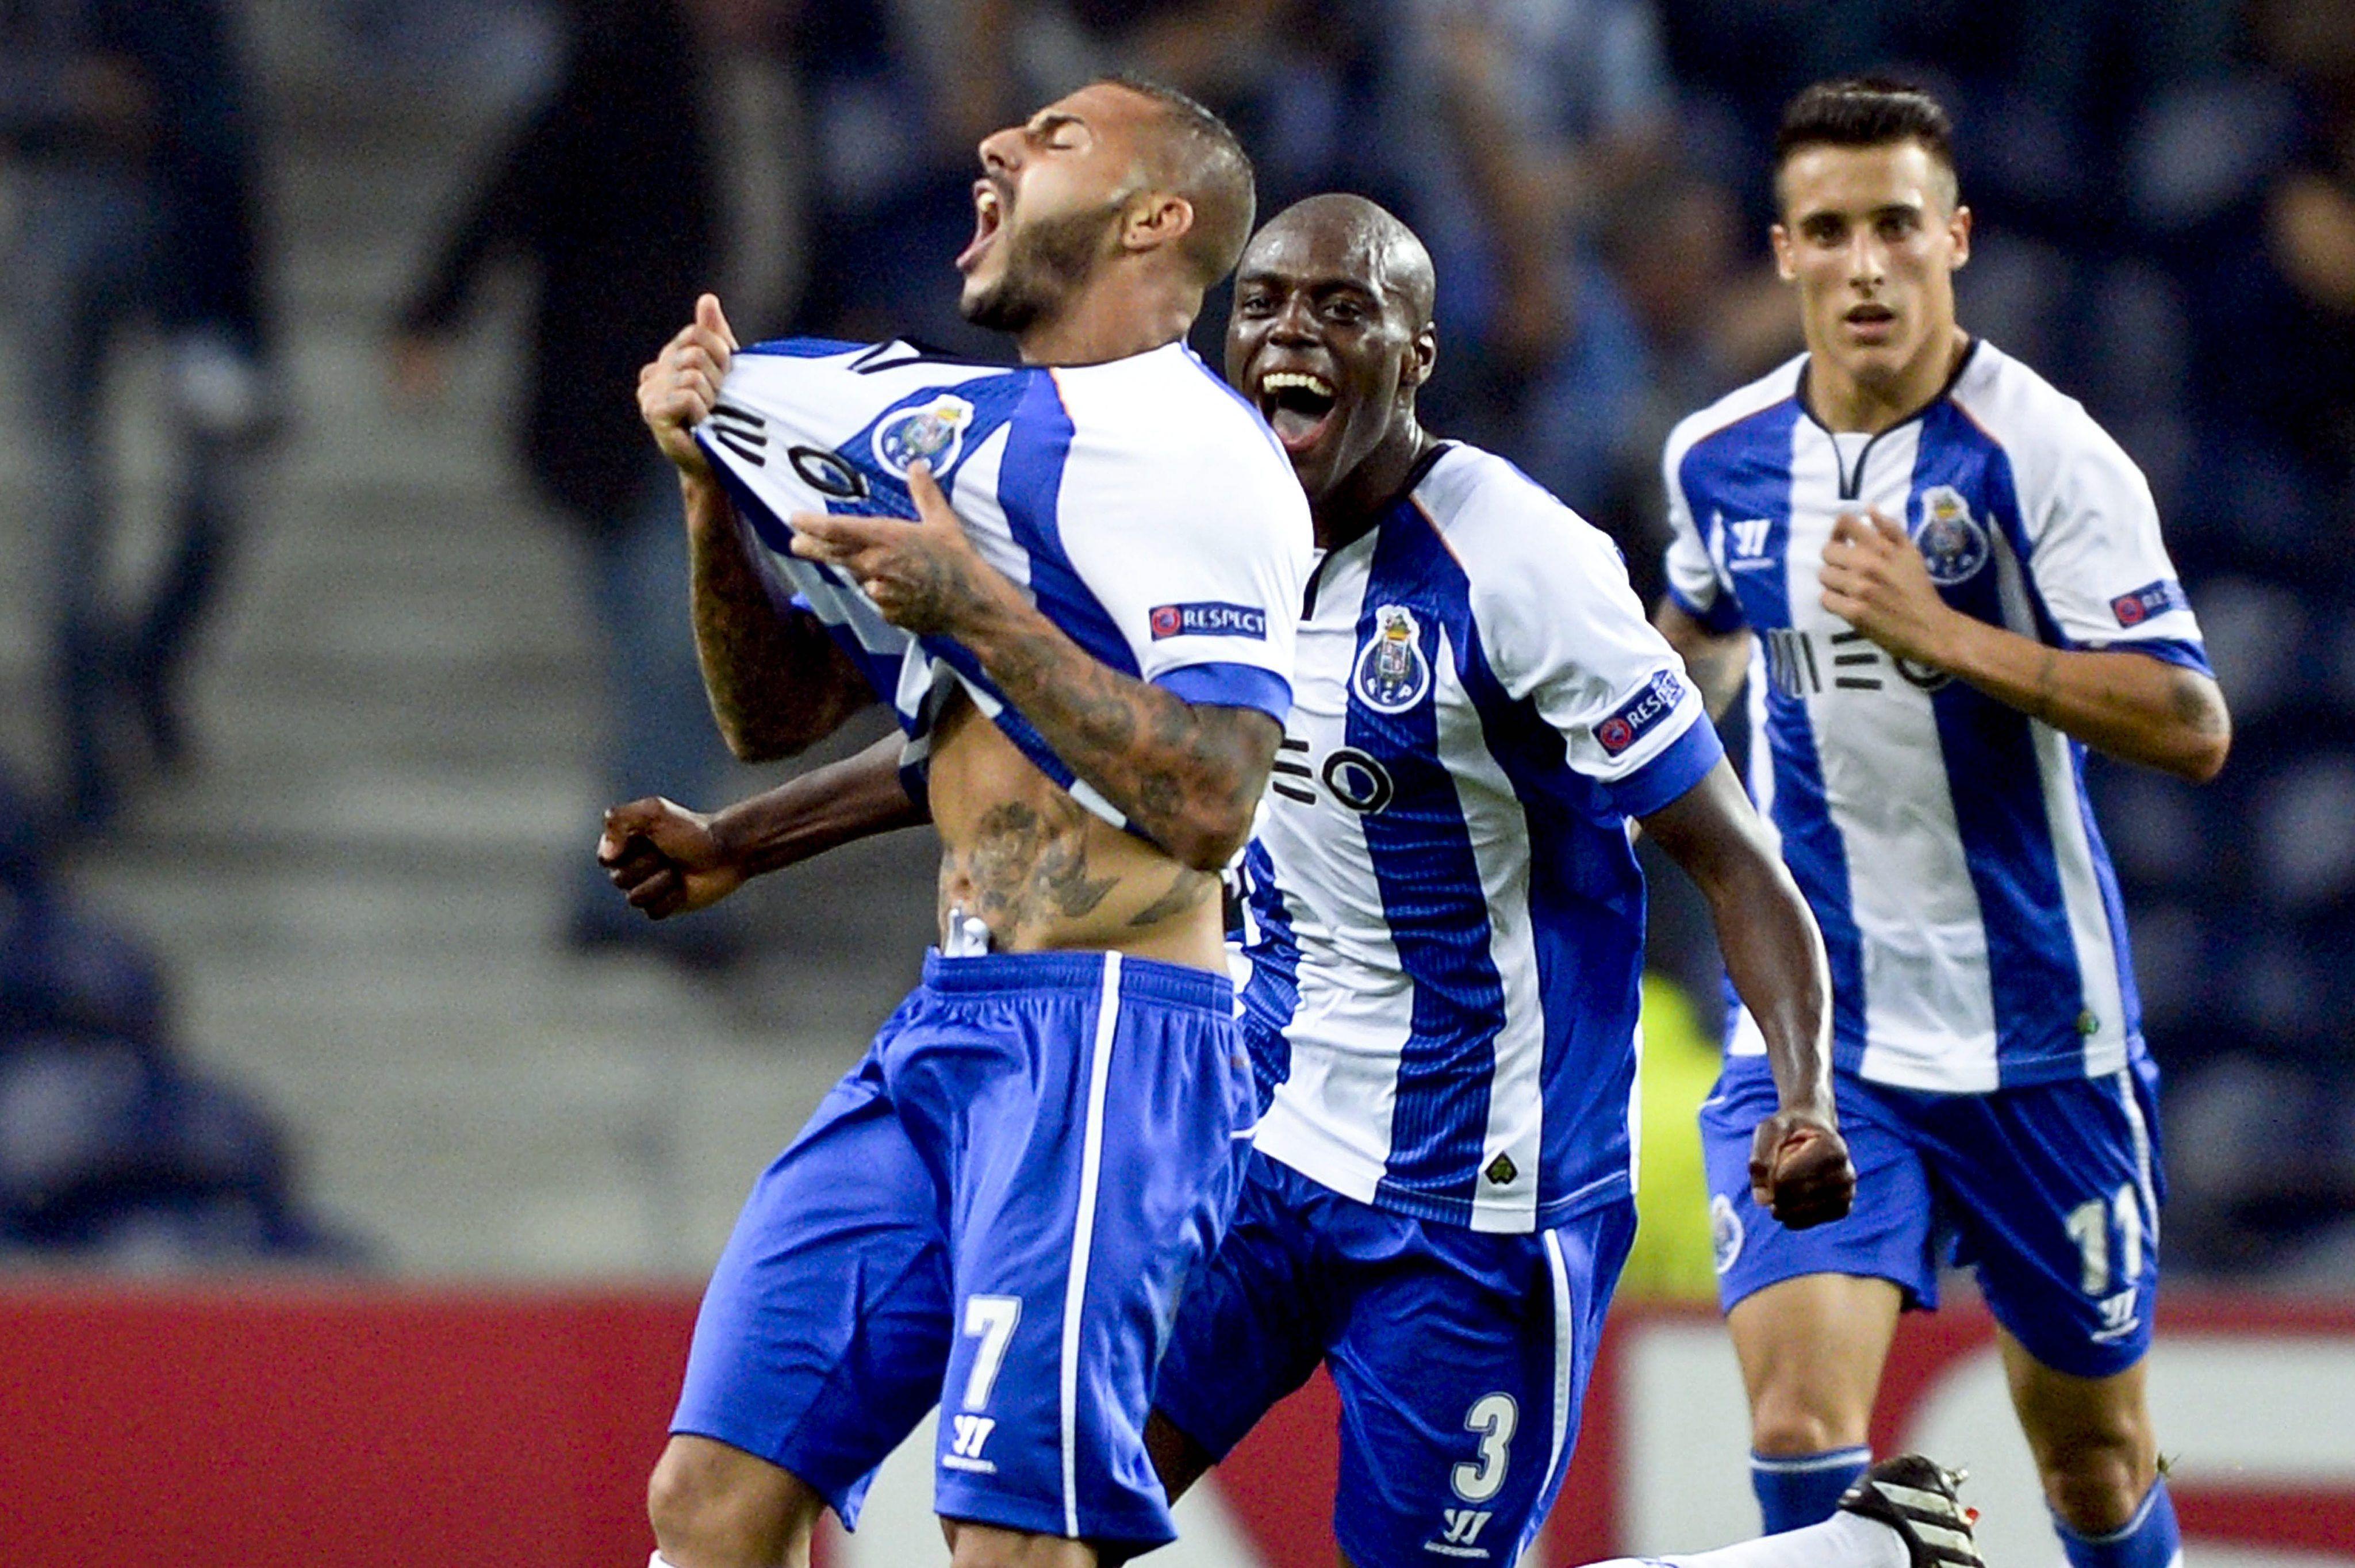 @Porto Ricardo Quaresma comemora após marcar um gol com Martins Indi e Cristian Tello #9ine